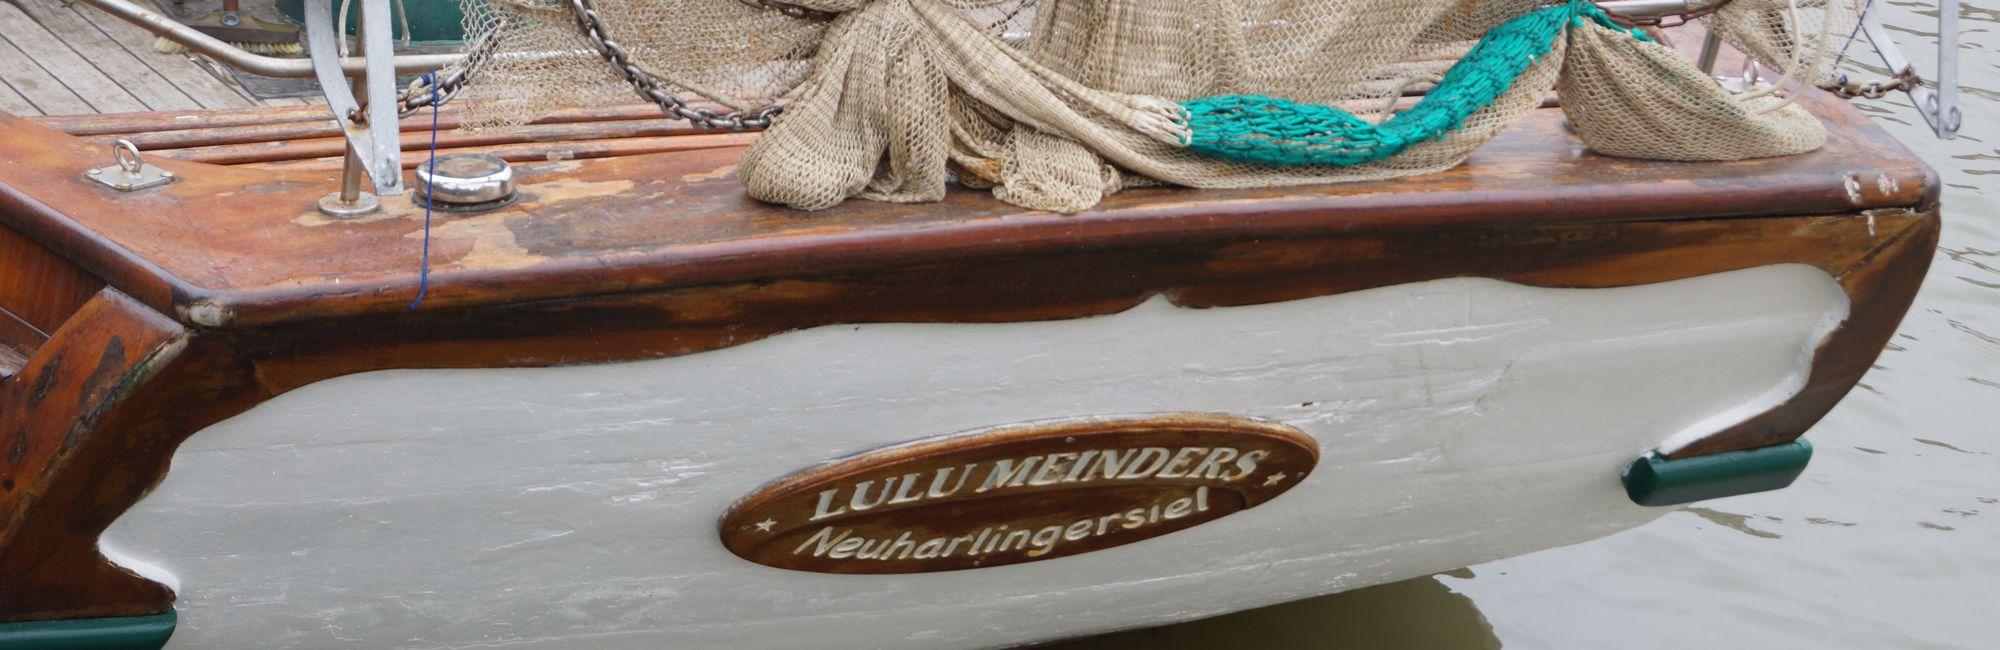 Lulu Meinders Spiegelheck - Hafenfreunde Neuharlingersiel